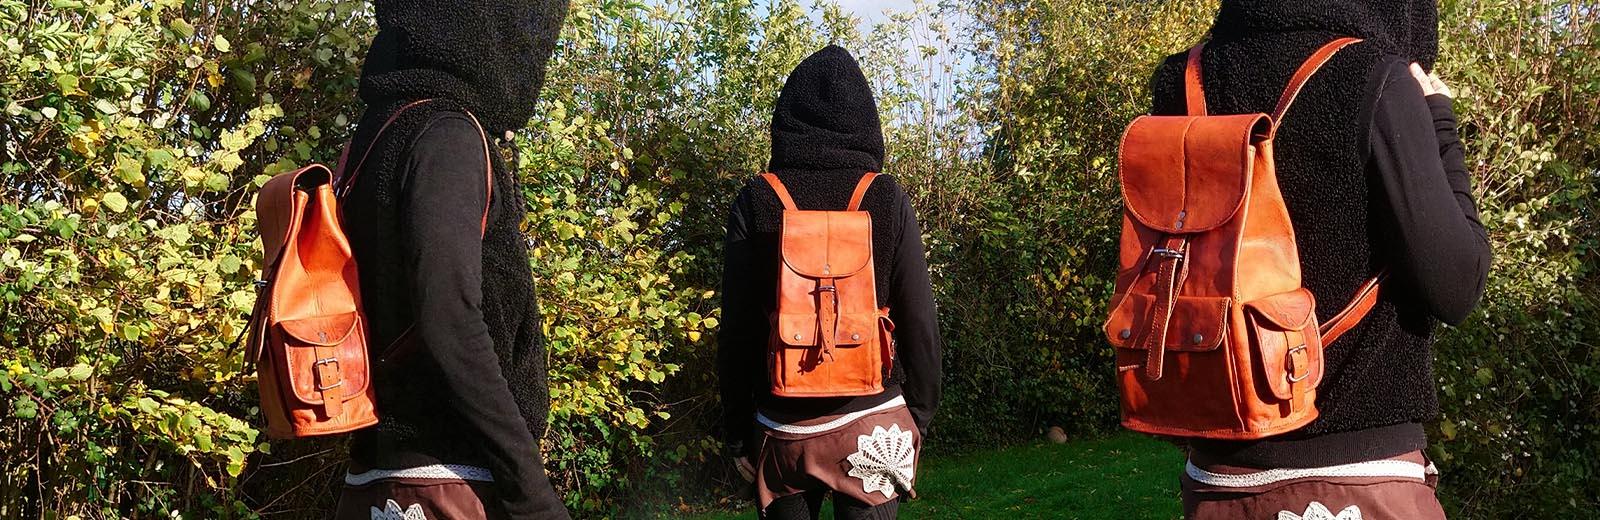 sacs à dos en cuir naturel fait main